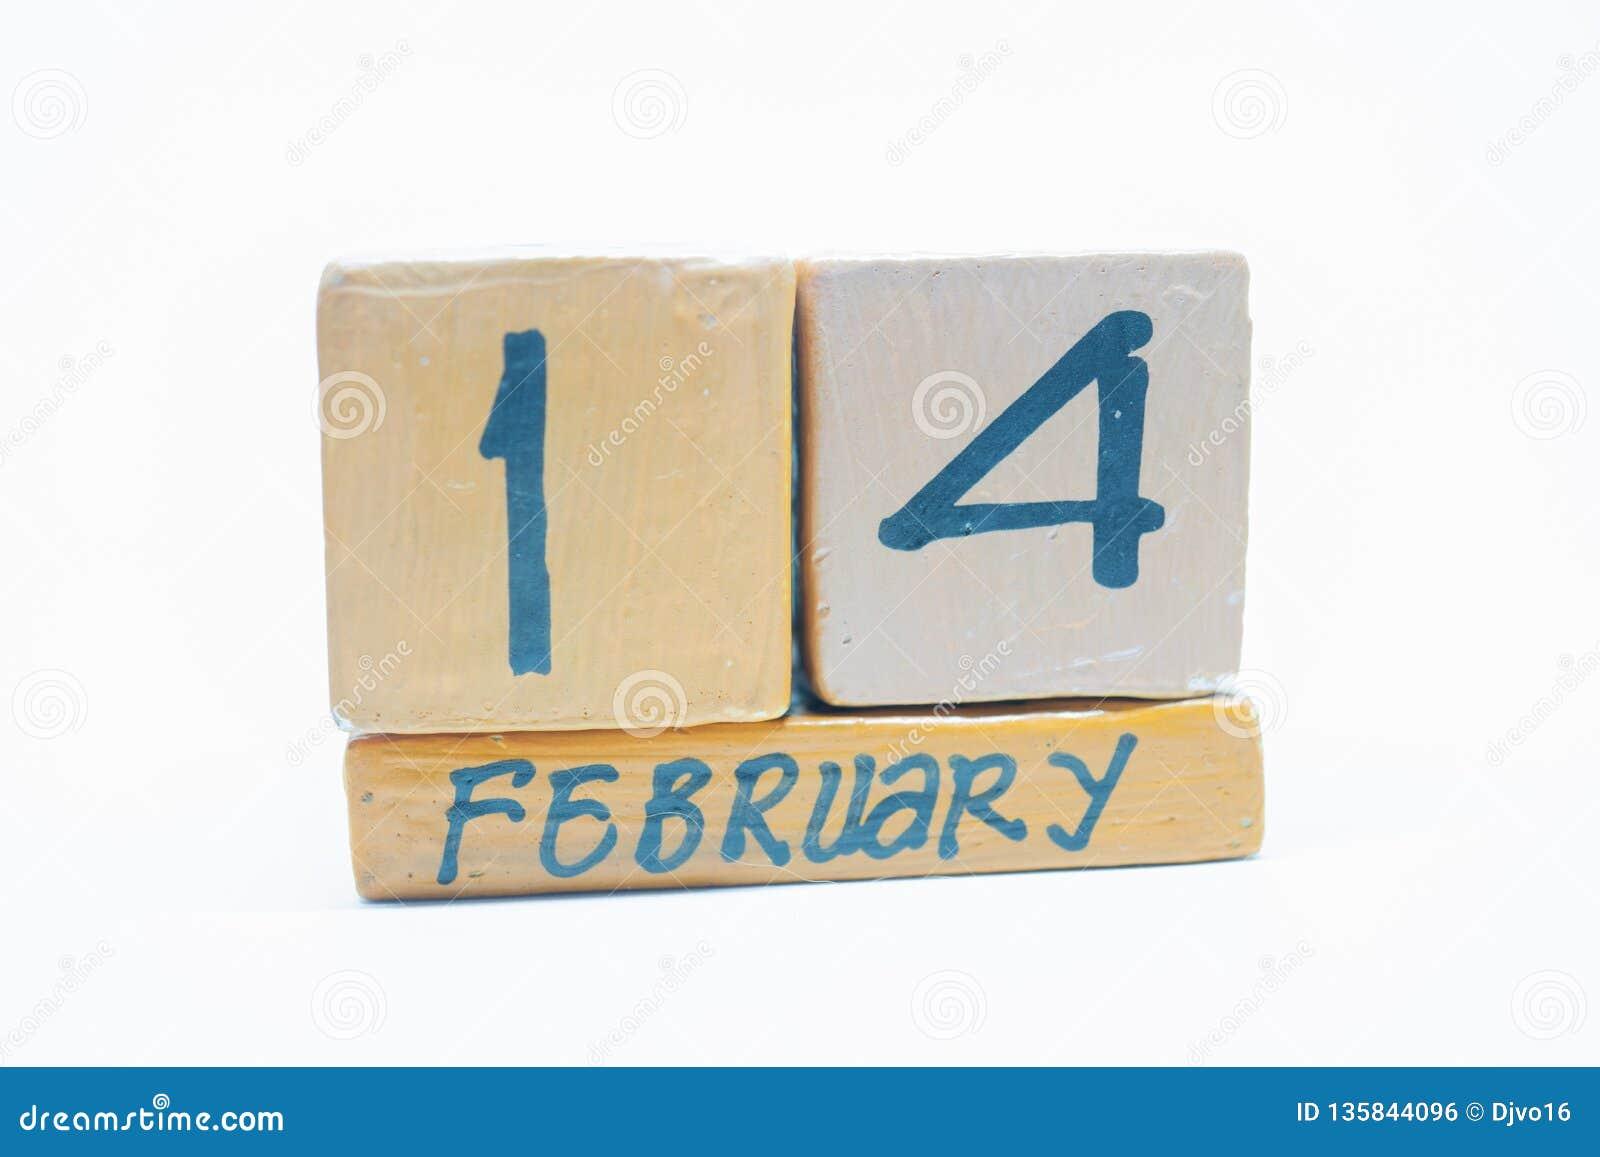 14 Φεβρουαρίου Ημέρα 14 του μήνα, χειροποίητο ξύλινο ημερολόγιο που απομονώνεται στο άσπρο υπόβαθρο Χειμωνιάτικος μήνας, ημέρα τη